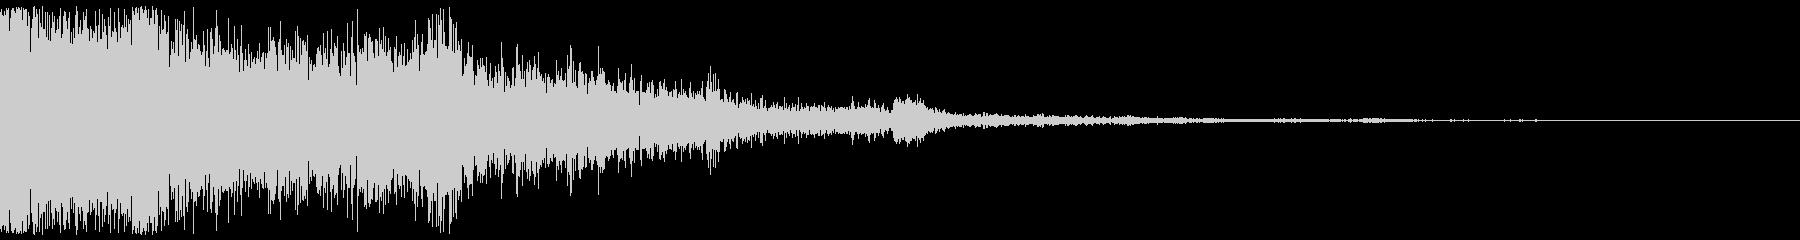 氷魔法 攻撃音 の未再生の波形